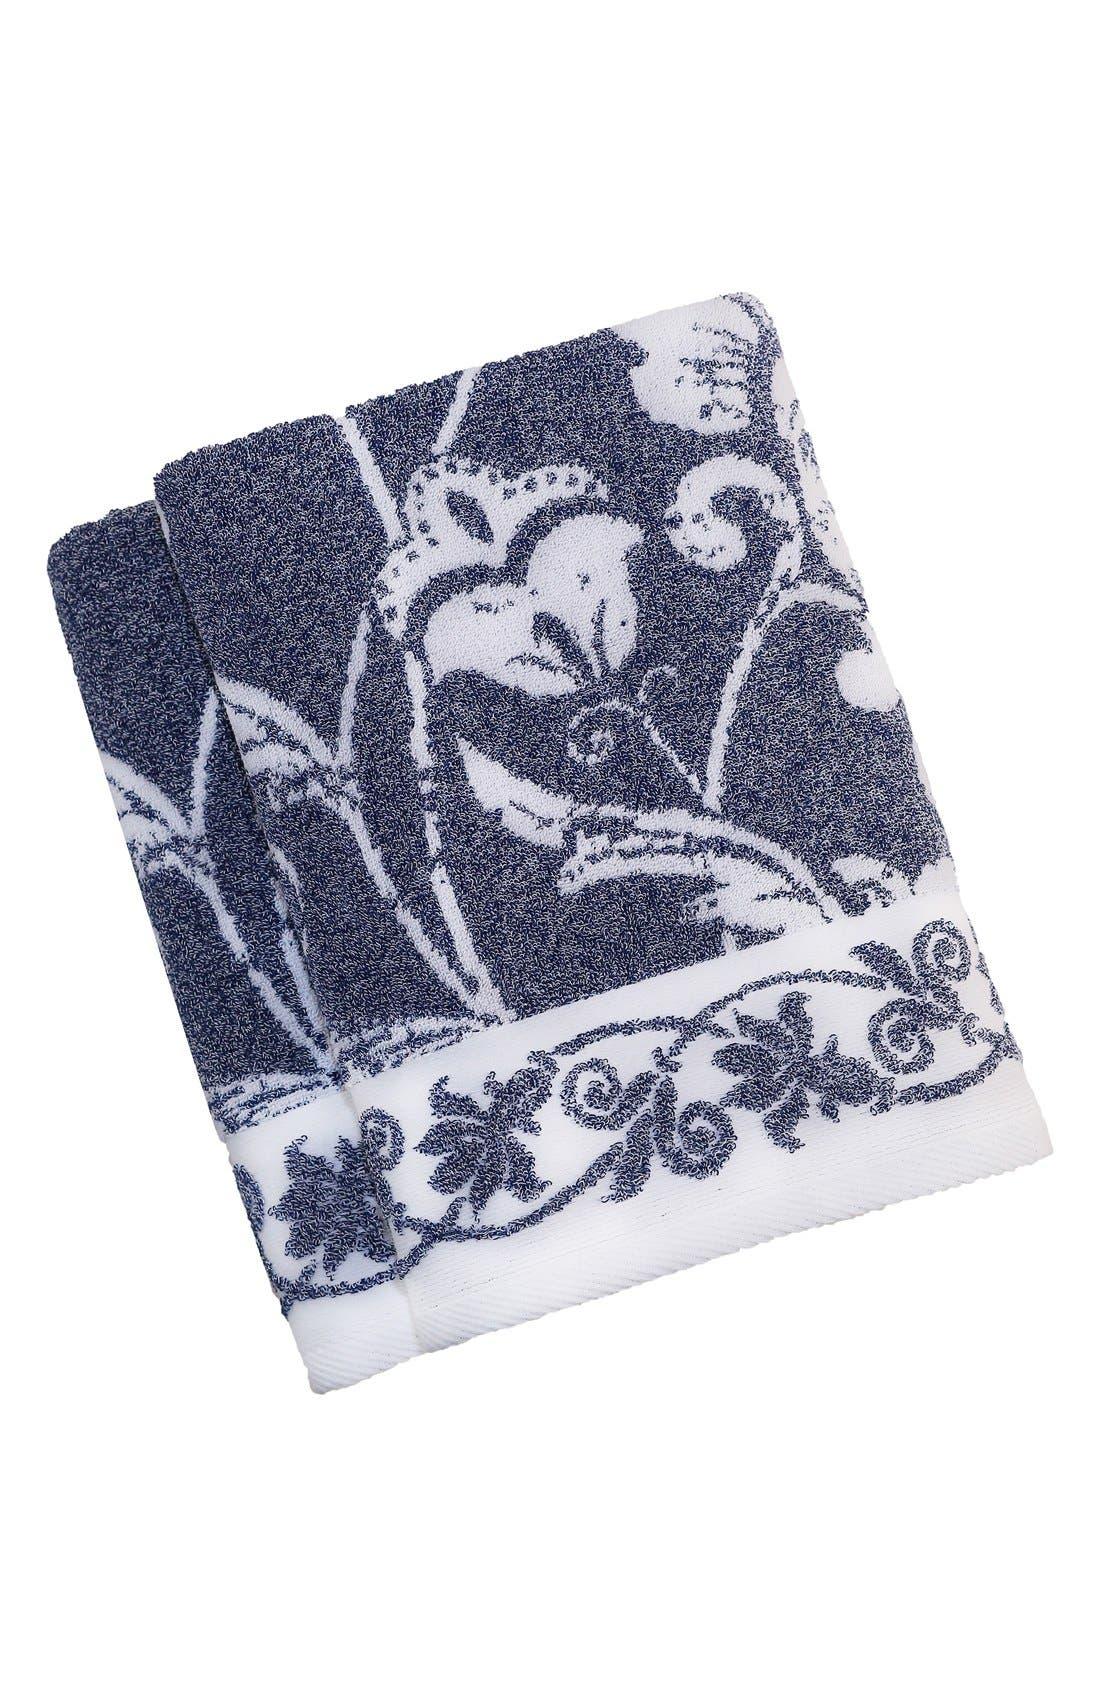 Linum 'Penelope' Turkish Cotton Bath Towels,                             Main thumbnail 1, color,                             OCEAN BLUE